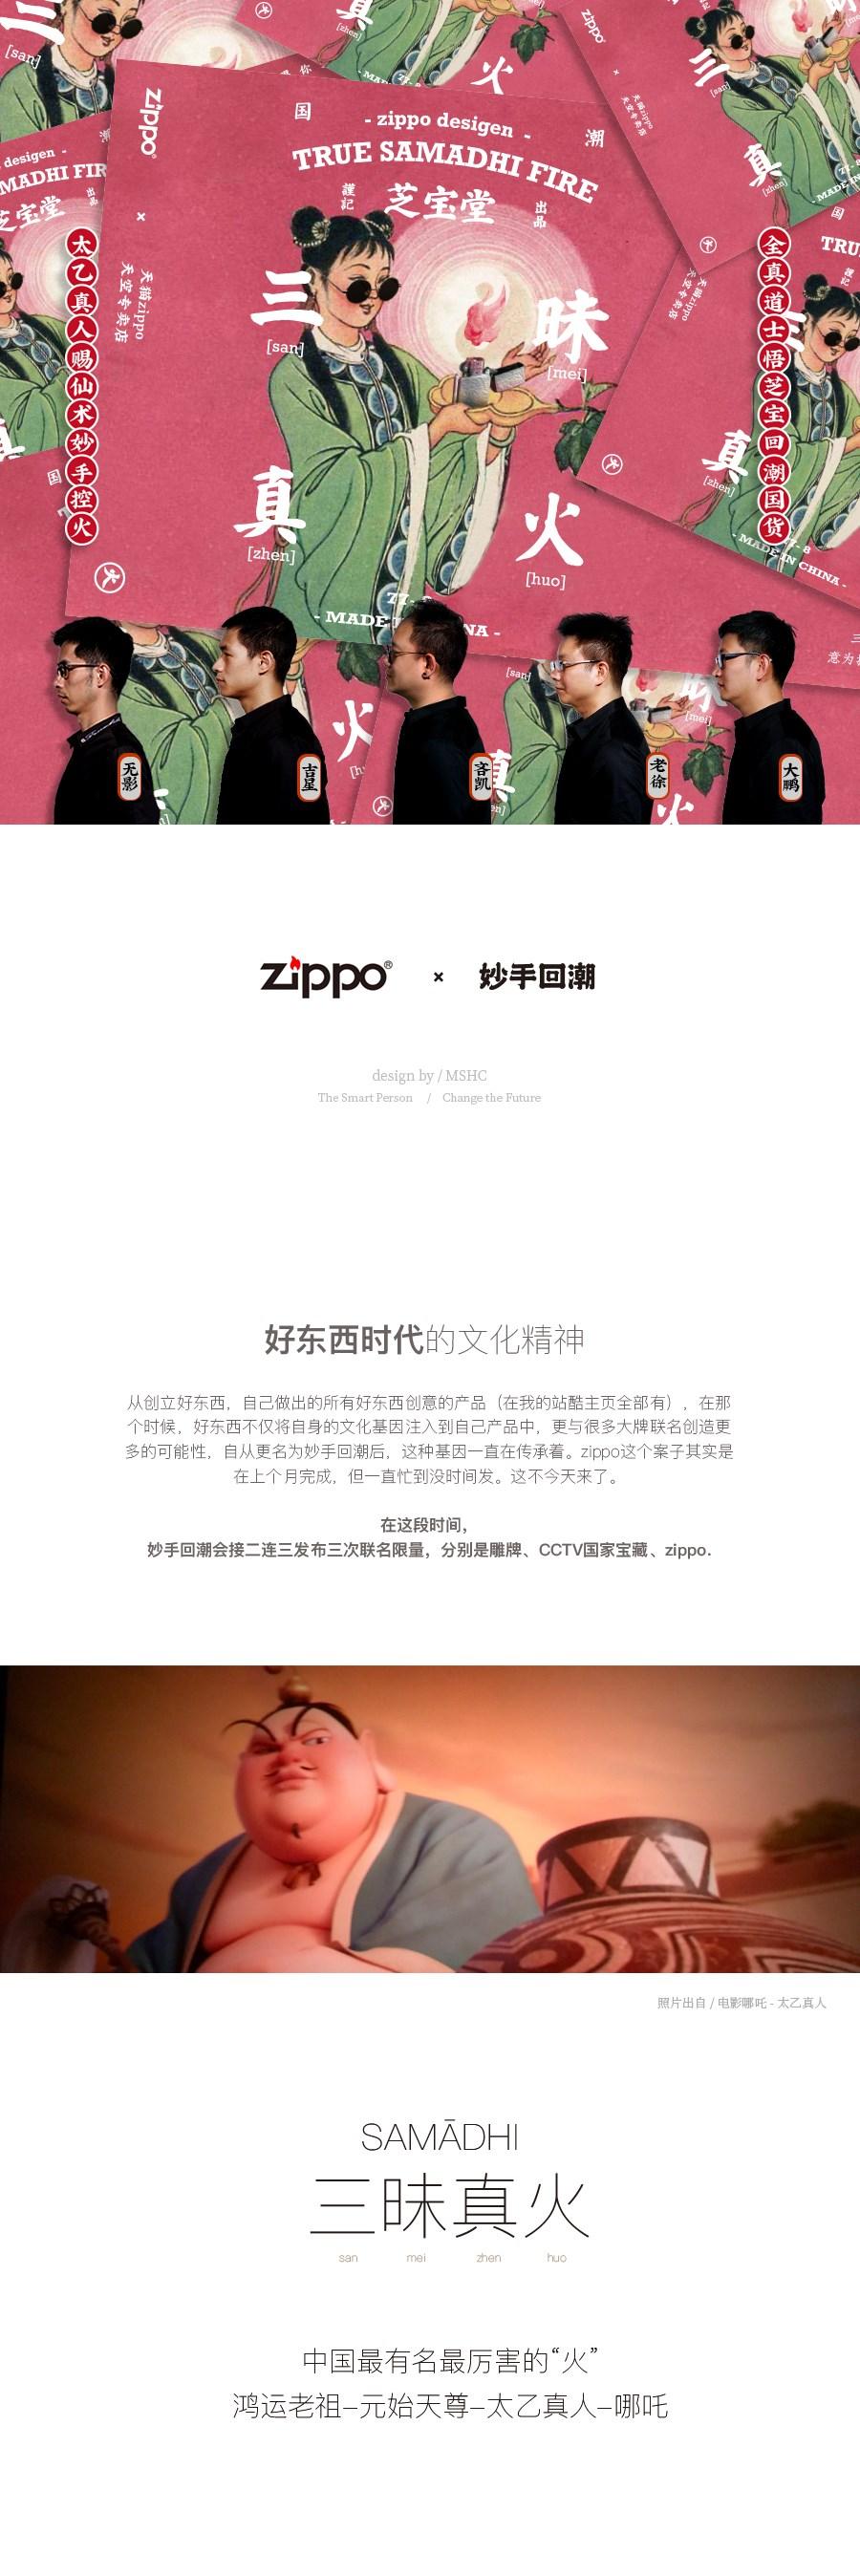 zippo x 妙手回潮